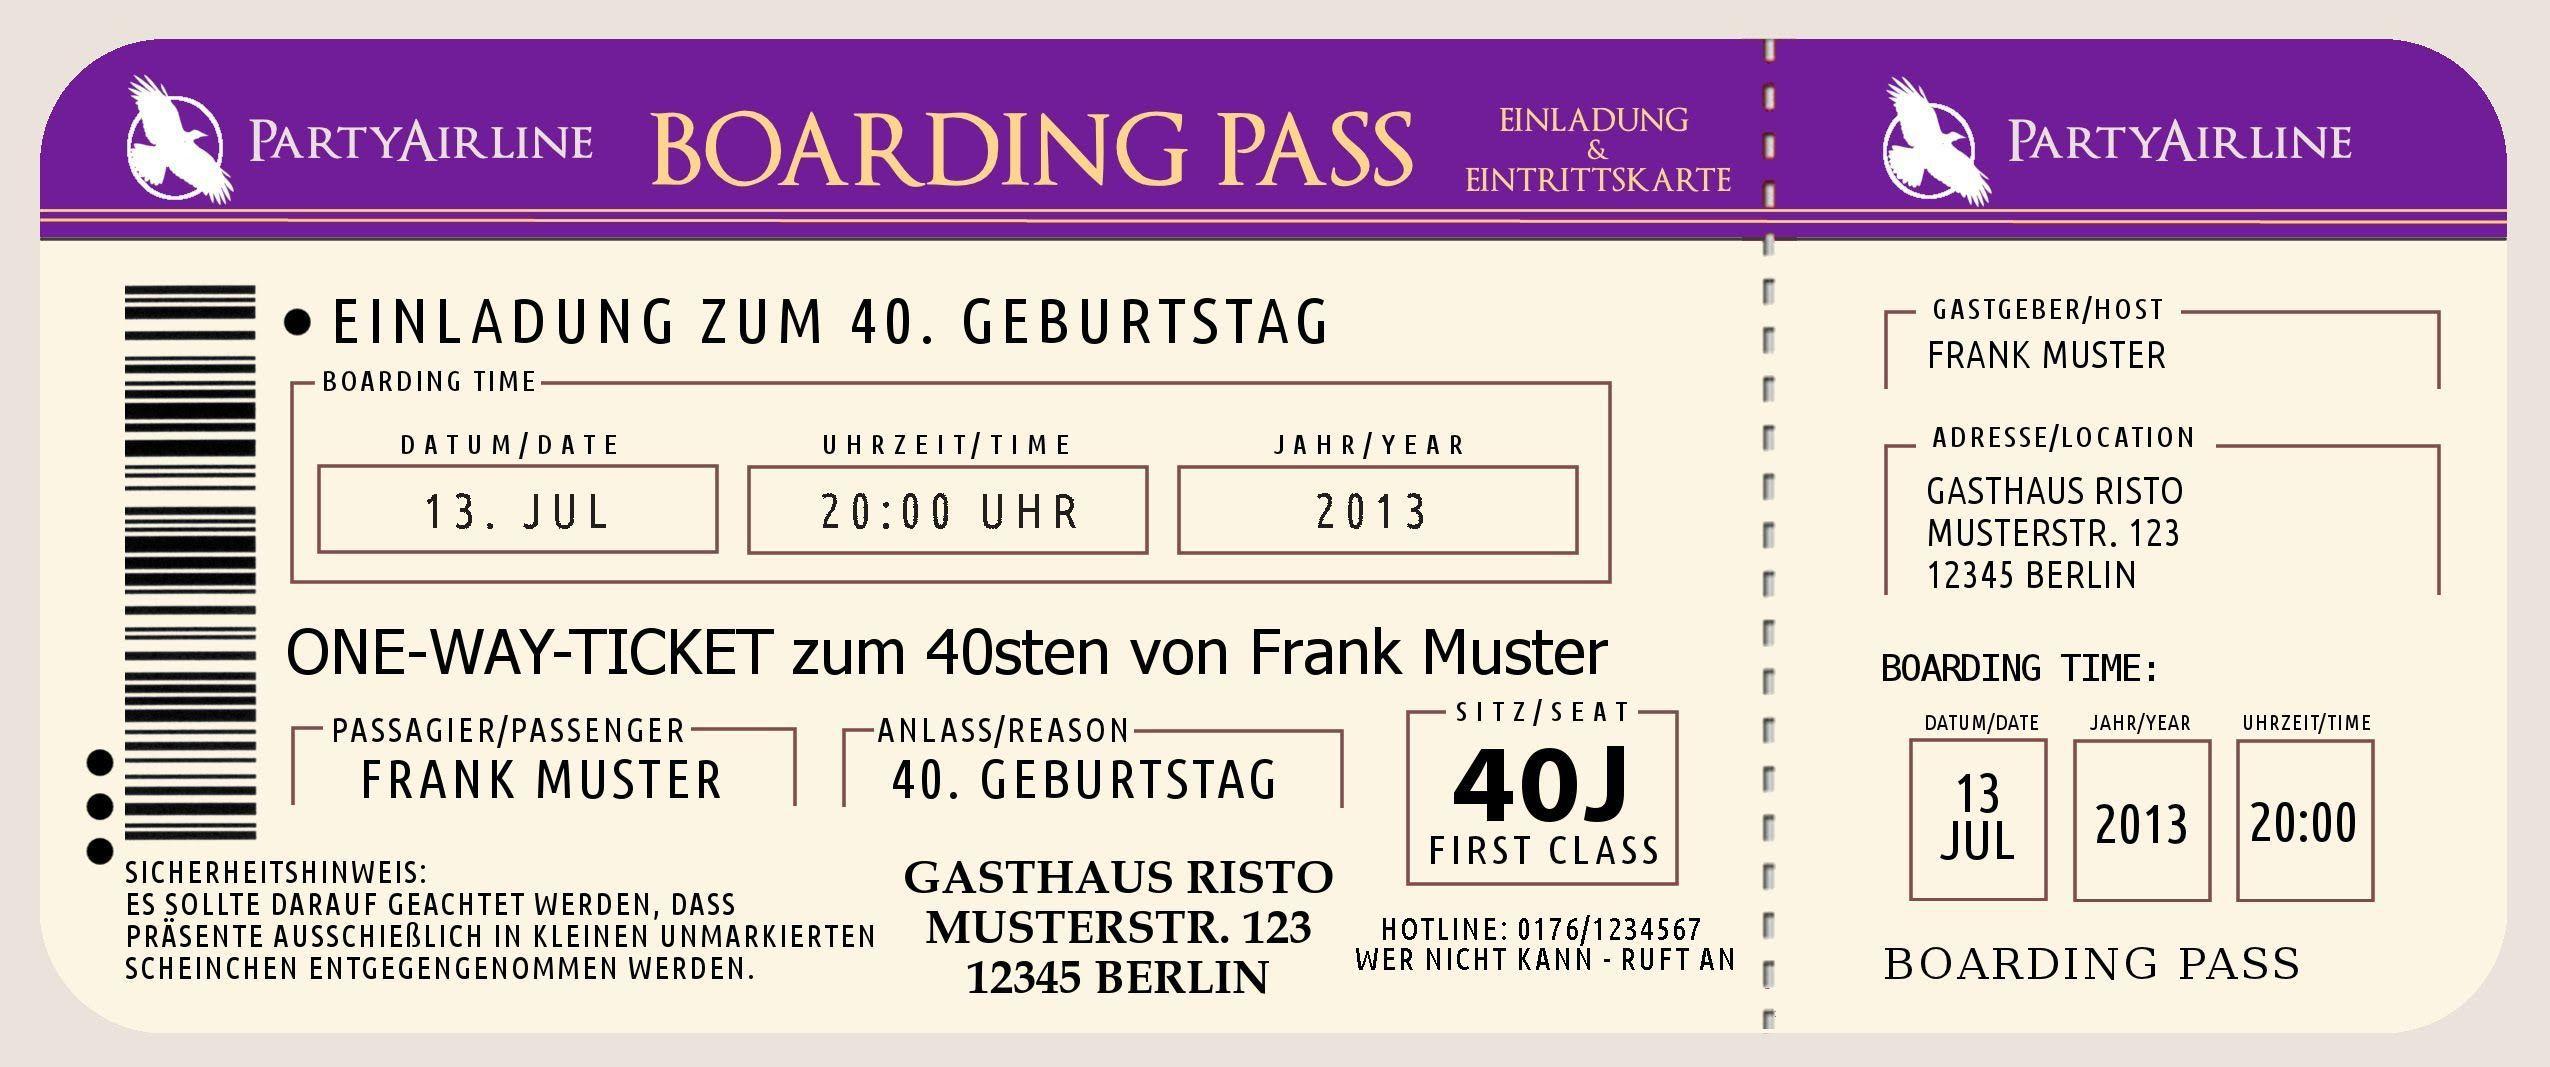 einladungskarten erstellen programm | geburtstag-feiern | pinterest, Einladung